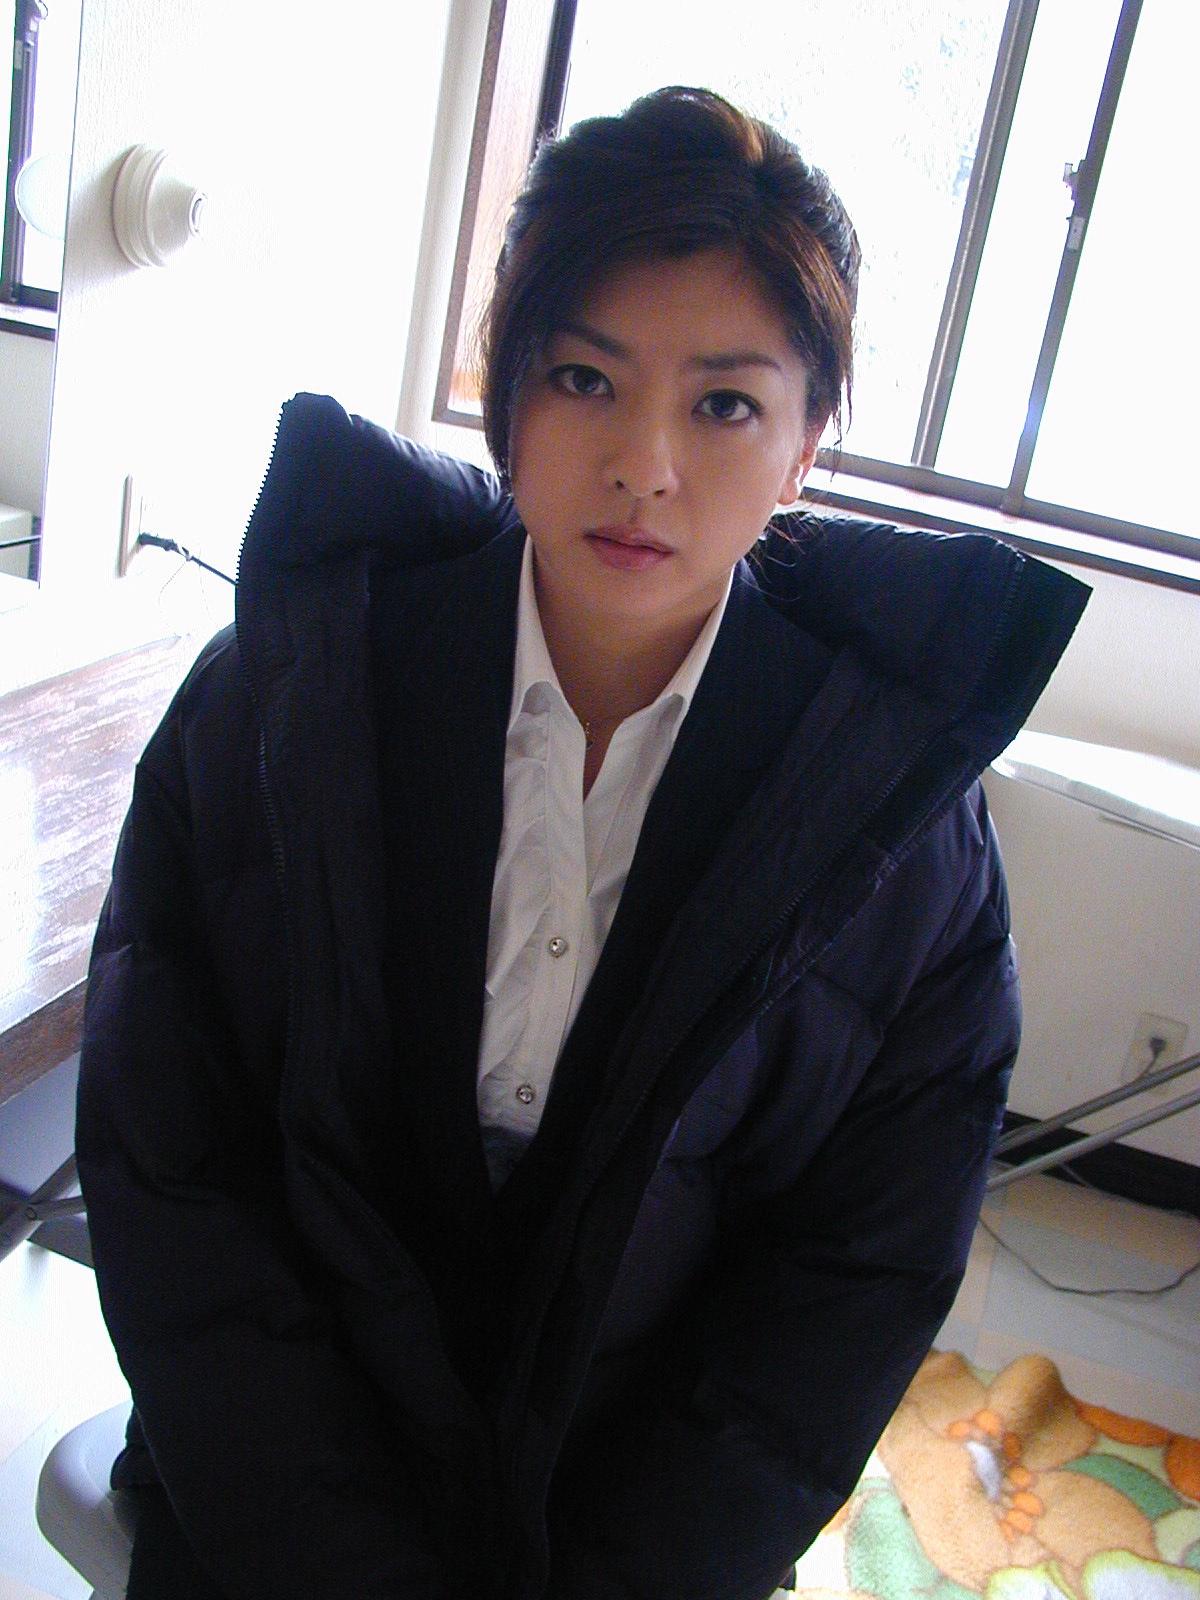 中山忍 : 【日出高校出身の芸能人一覧】 - NAVER まとめ